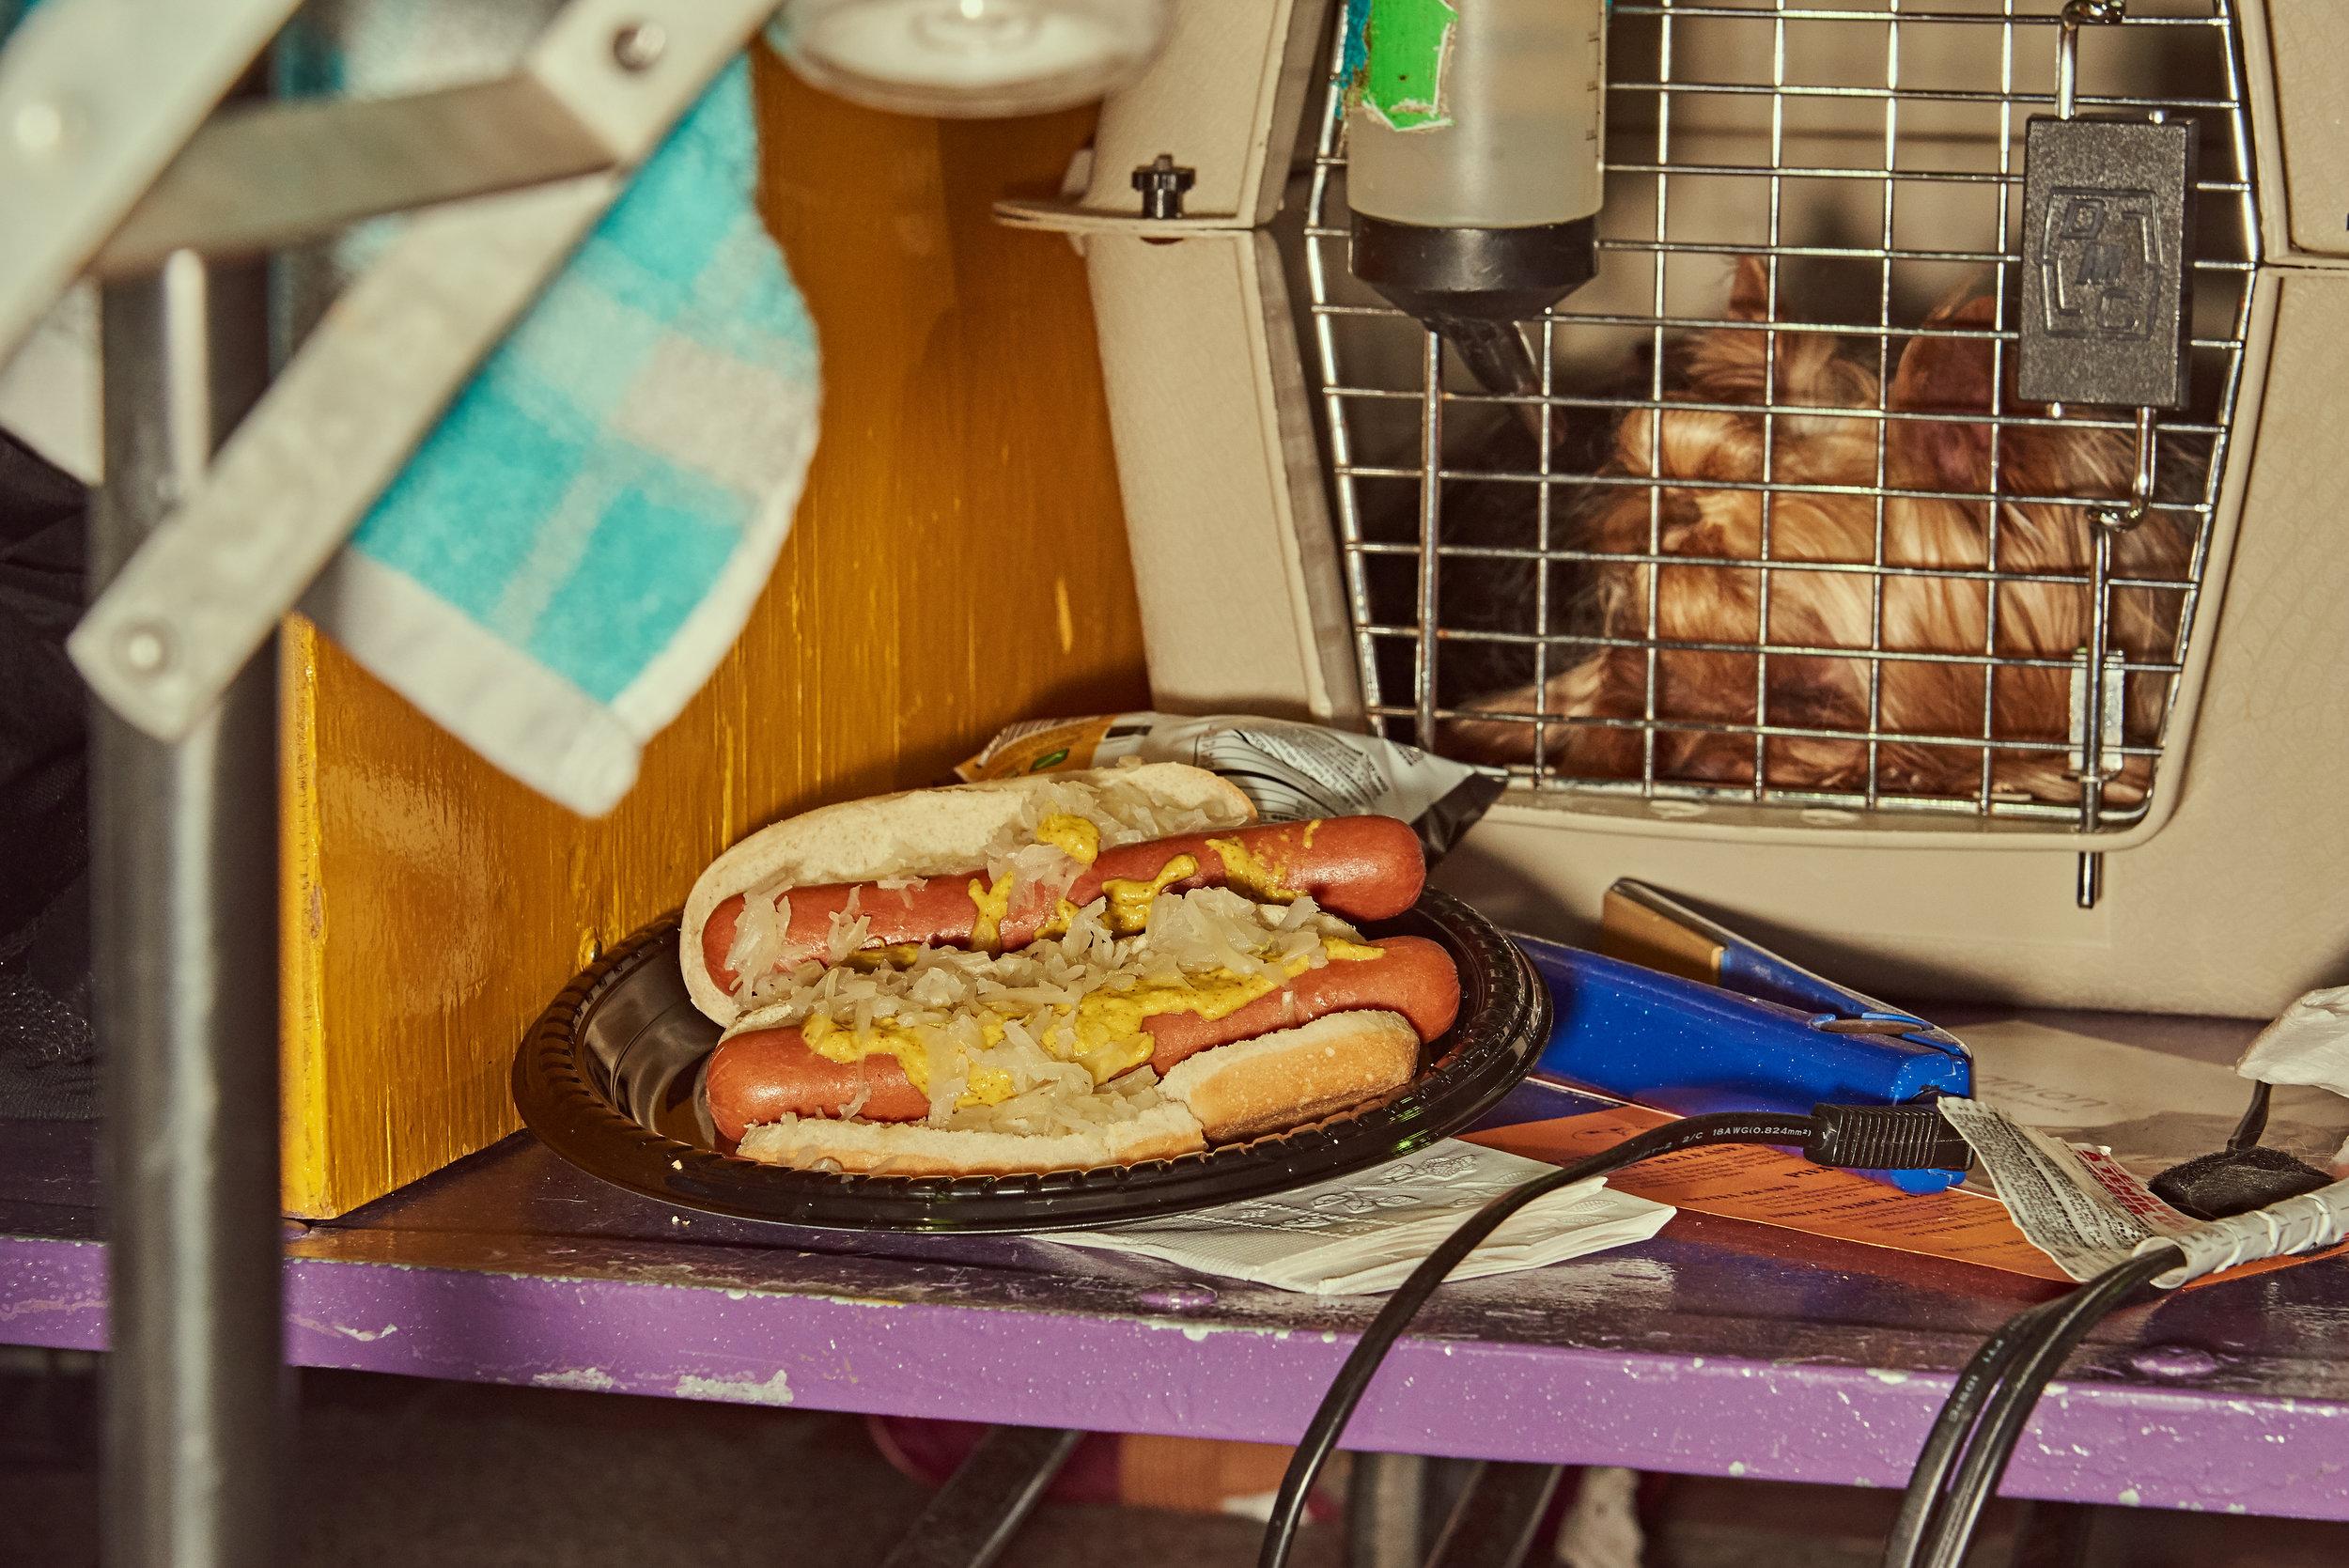 dogshow19_Day2 12.jpg